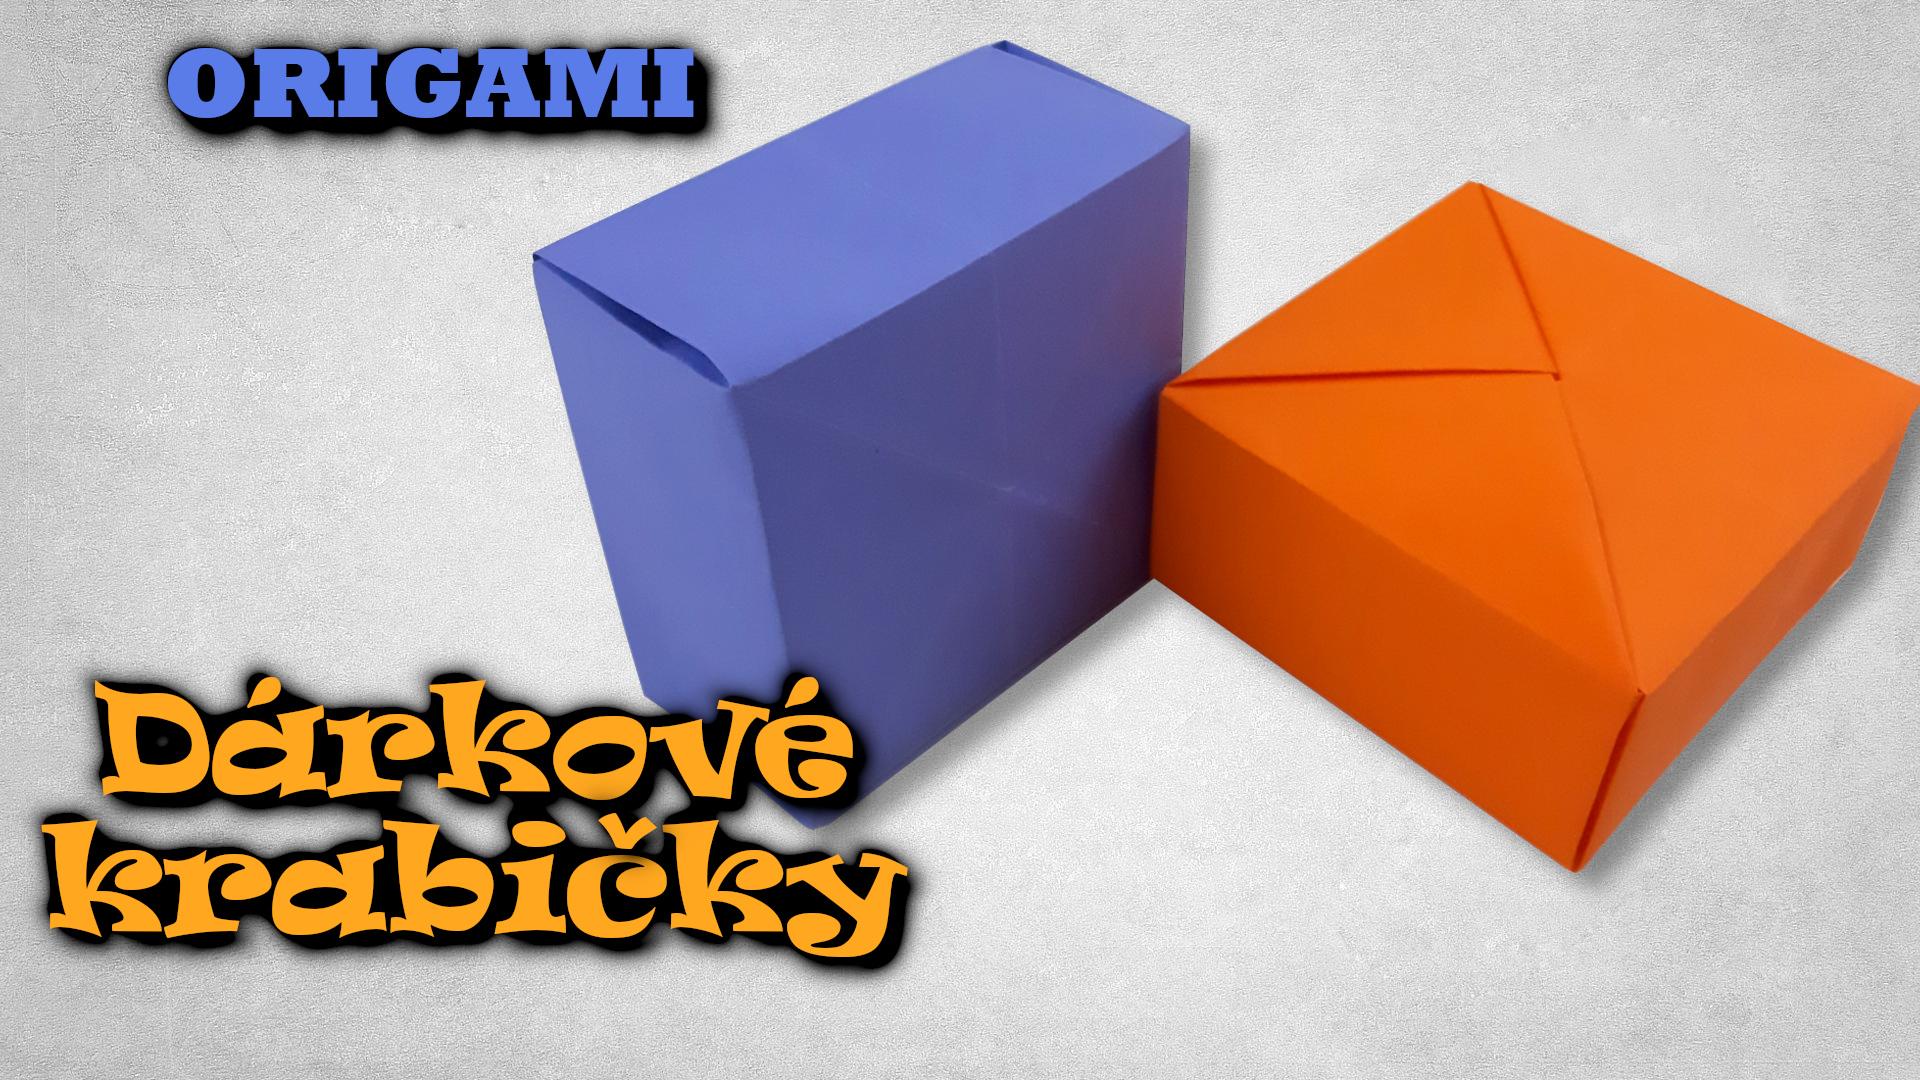 Dárkové Krabičky z papíru | Origami krabička z jednoho kusu papíru